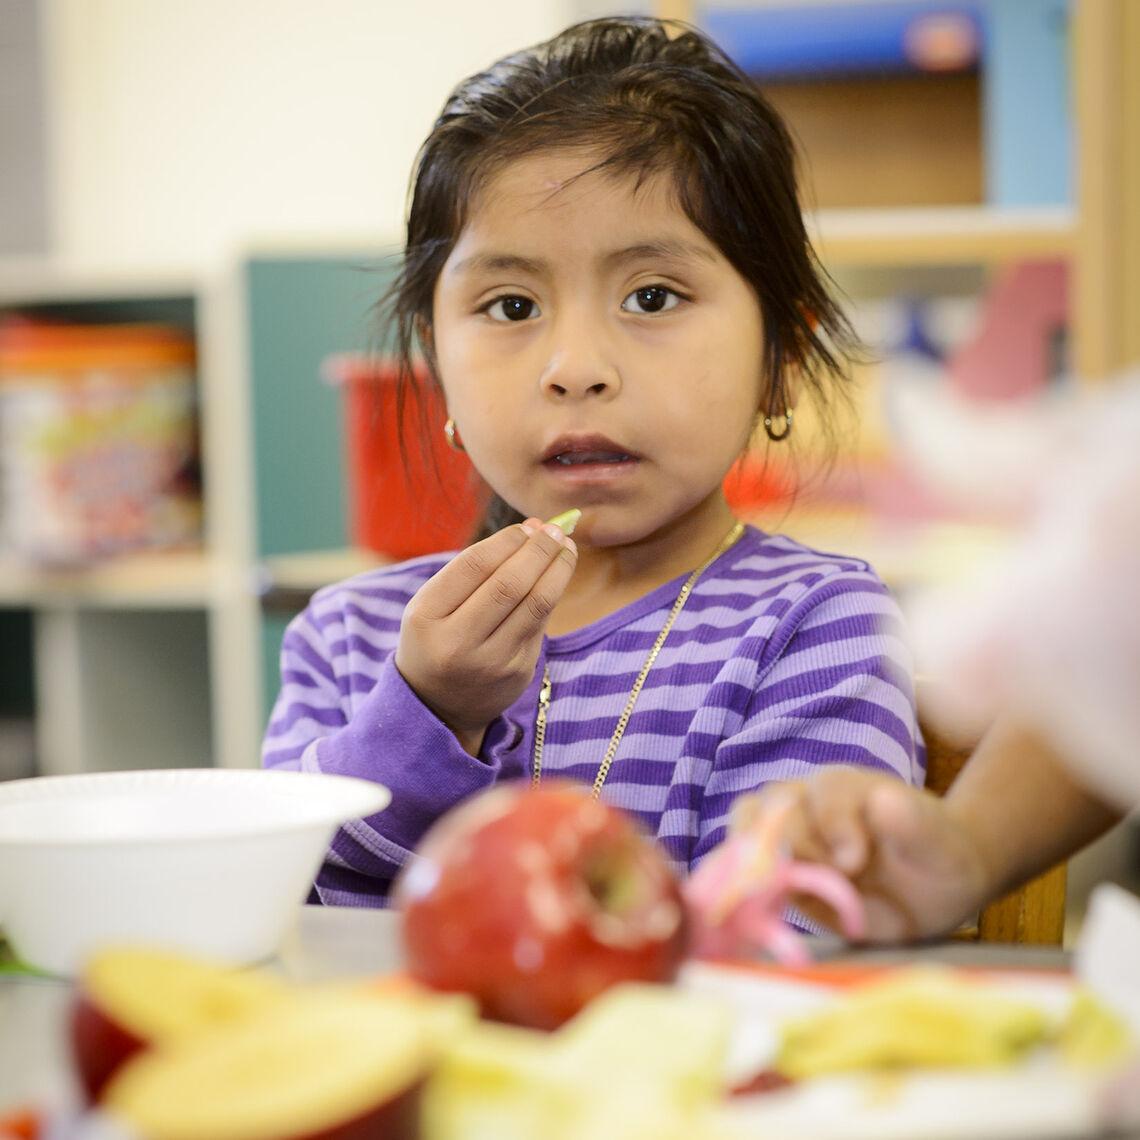 Kindergartener enjoys an apple at her desk